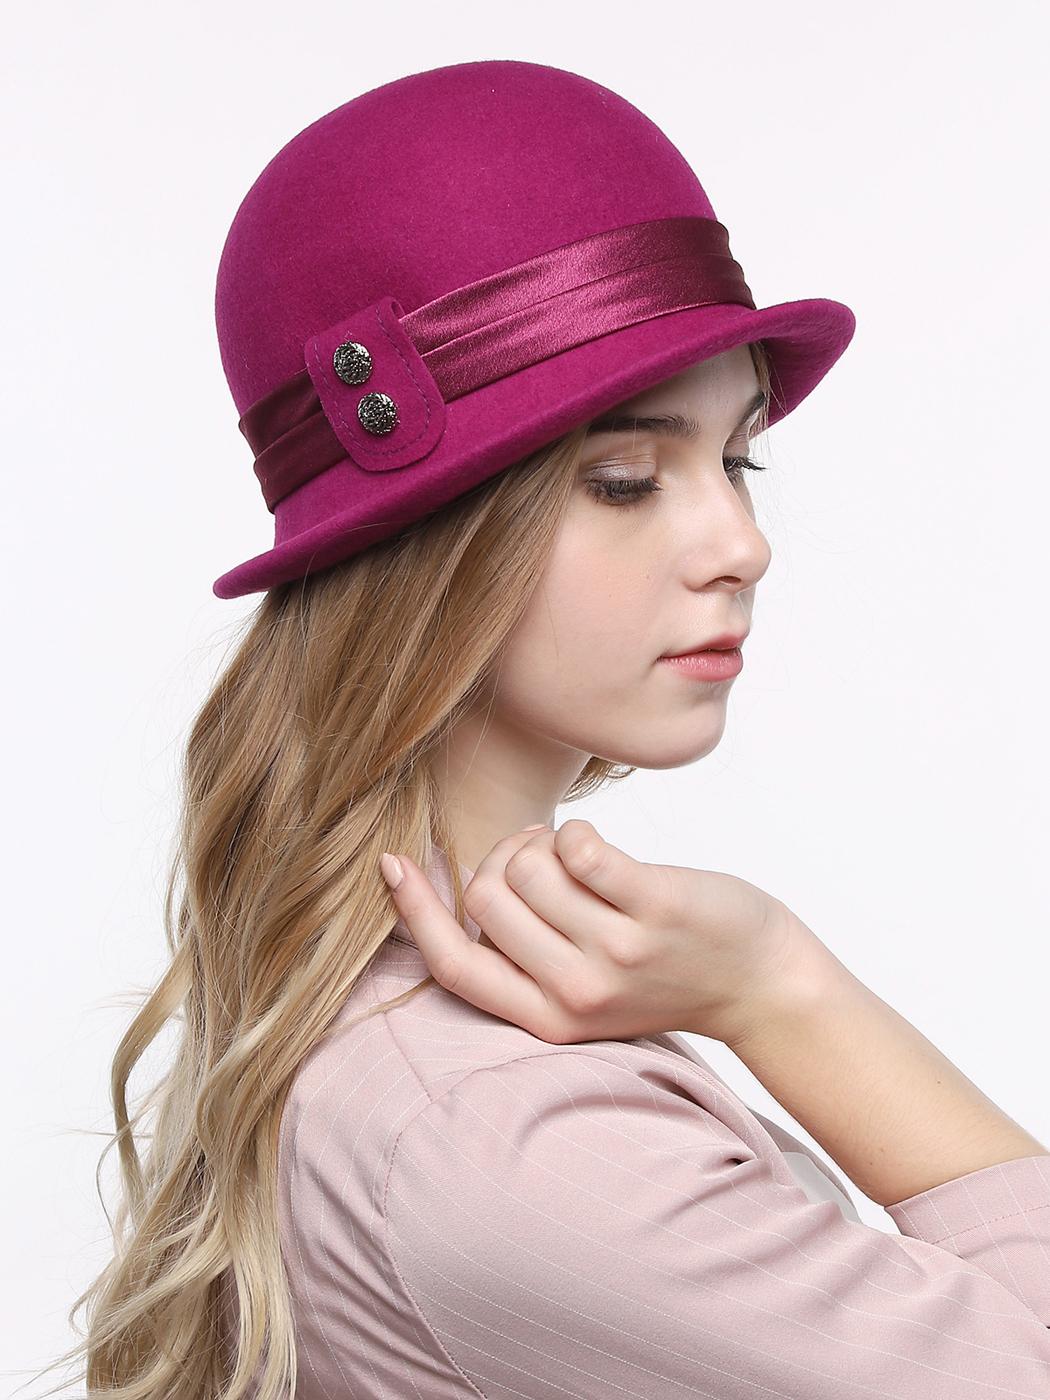 Шляпа из фетра своими руками: выбор материалов, выполнение выкройки, особенности сборки, фото